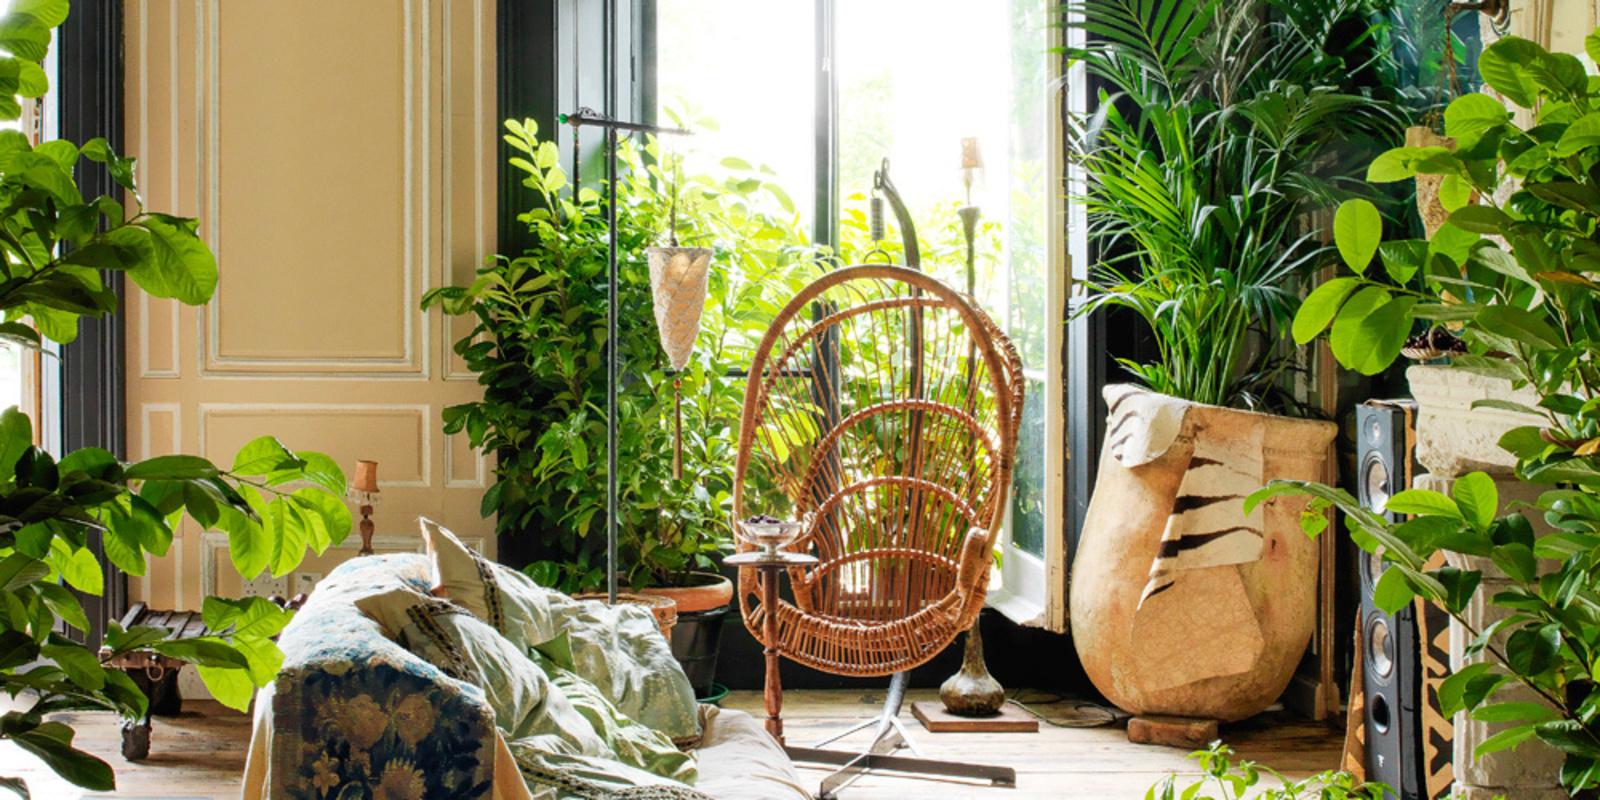 mode meets interieur en een groentje dat is de nieuwe elle decoration. Black Bedroom Furniture Sets. Home Design Ideas